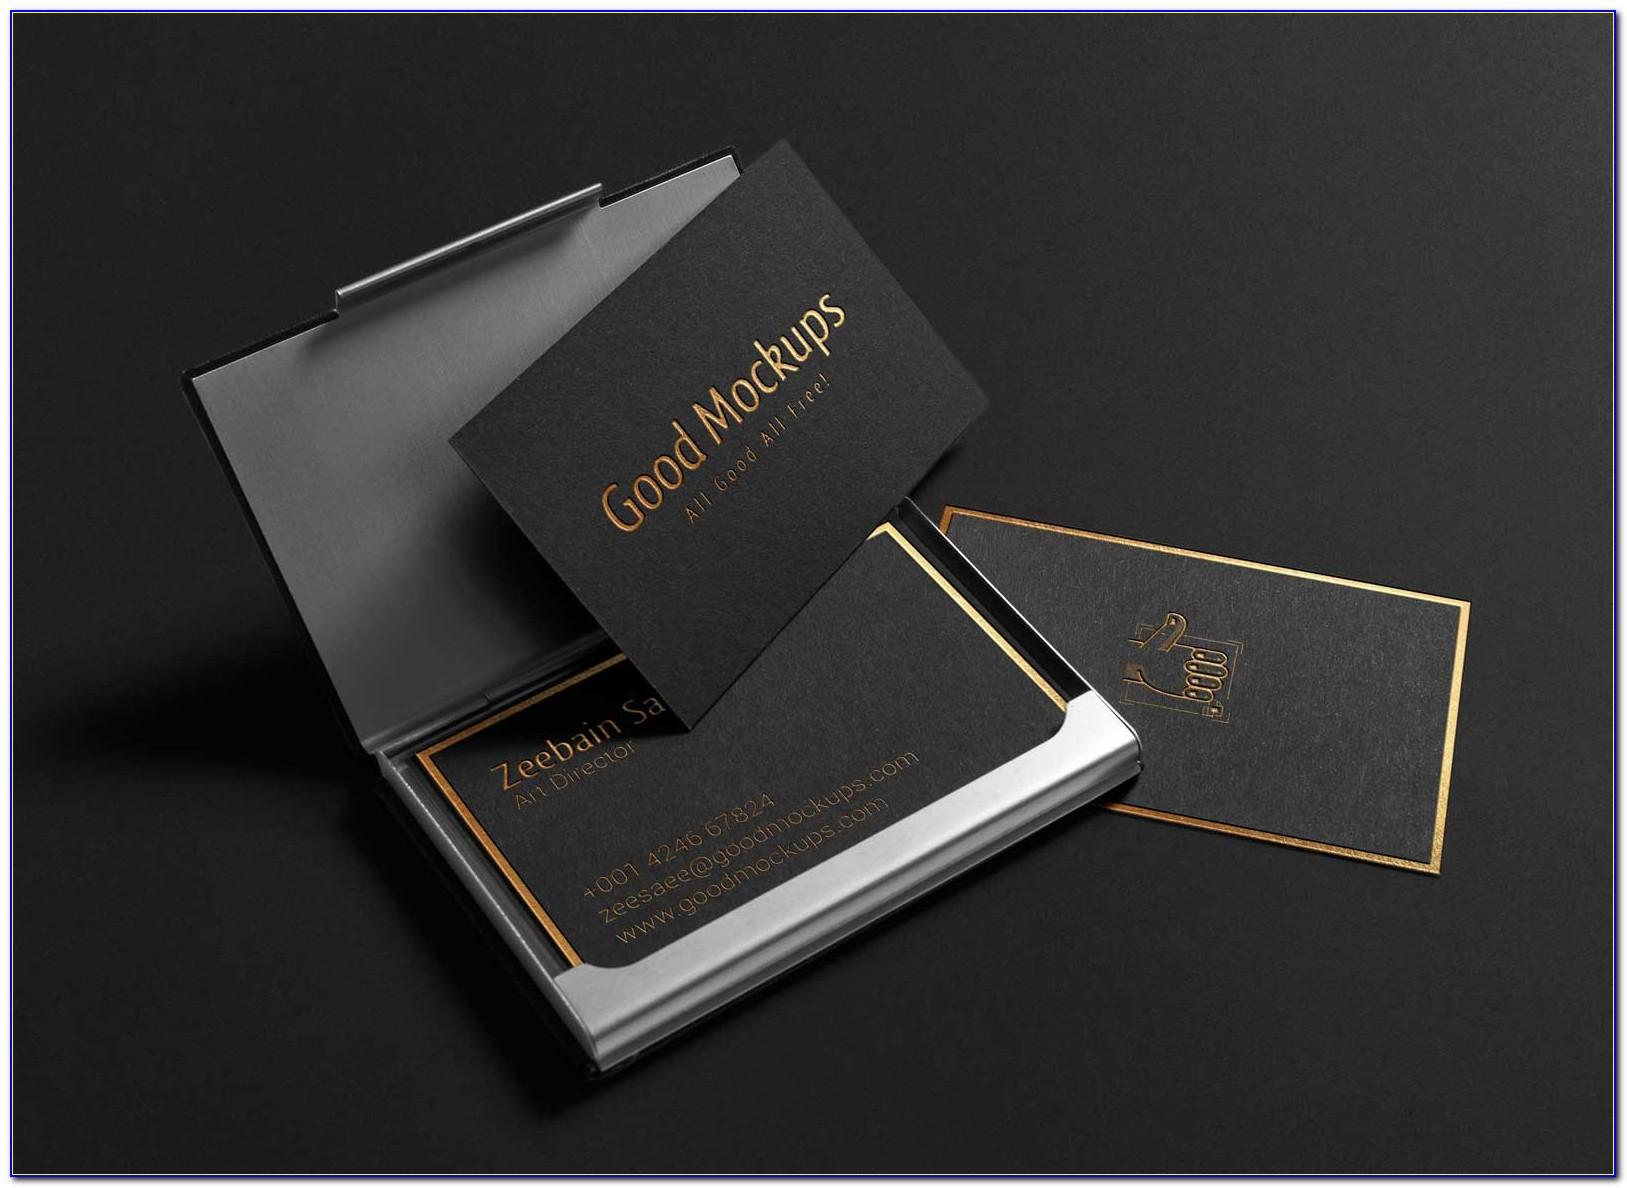 Hot Foil Business Card Mockup